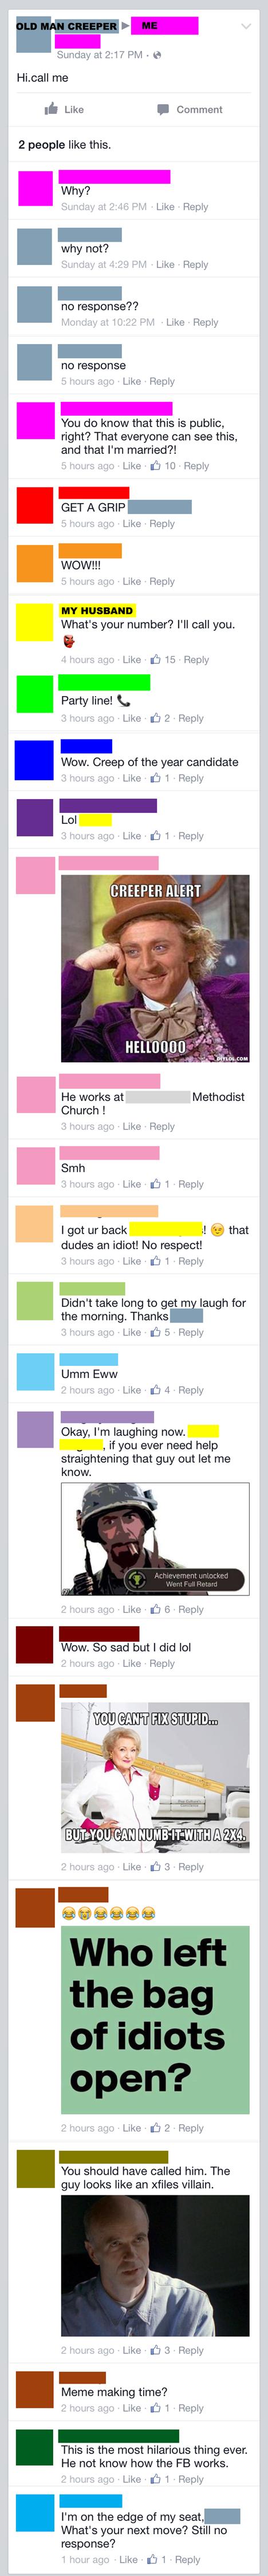 funny-facebook-pic-creeper-flirt